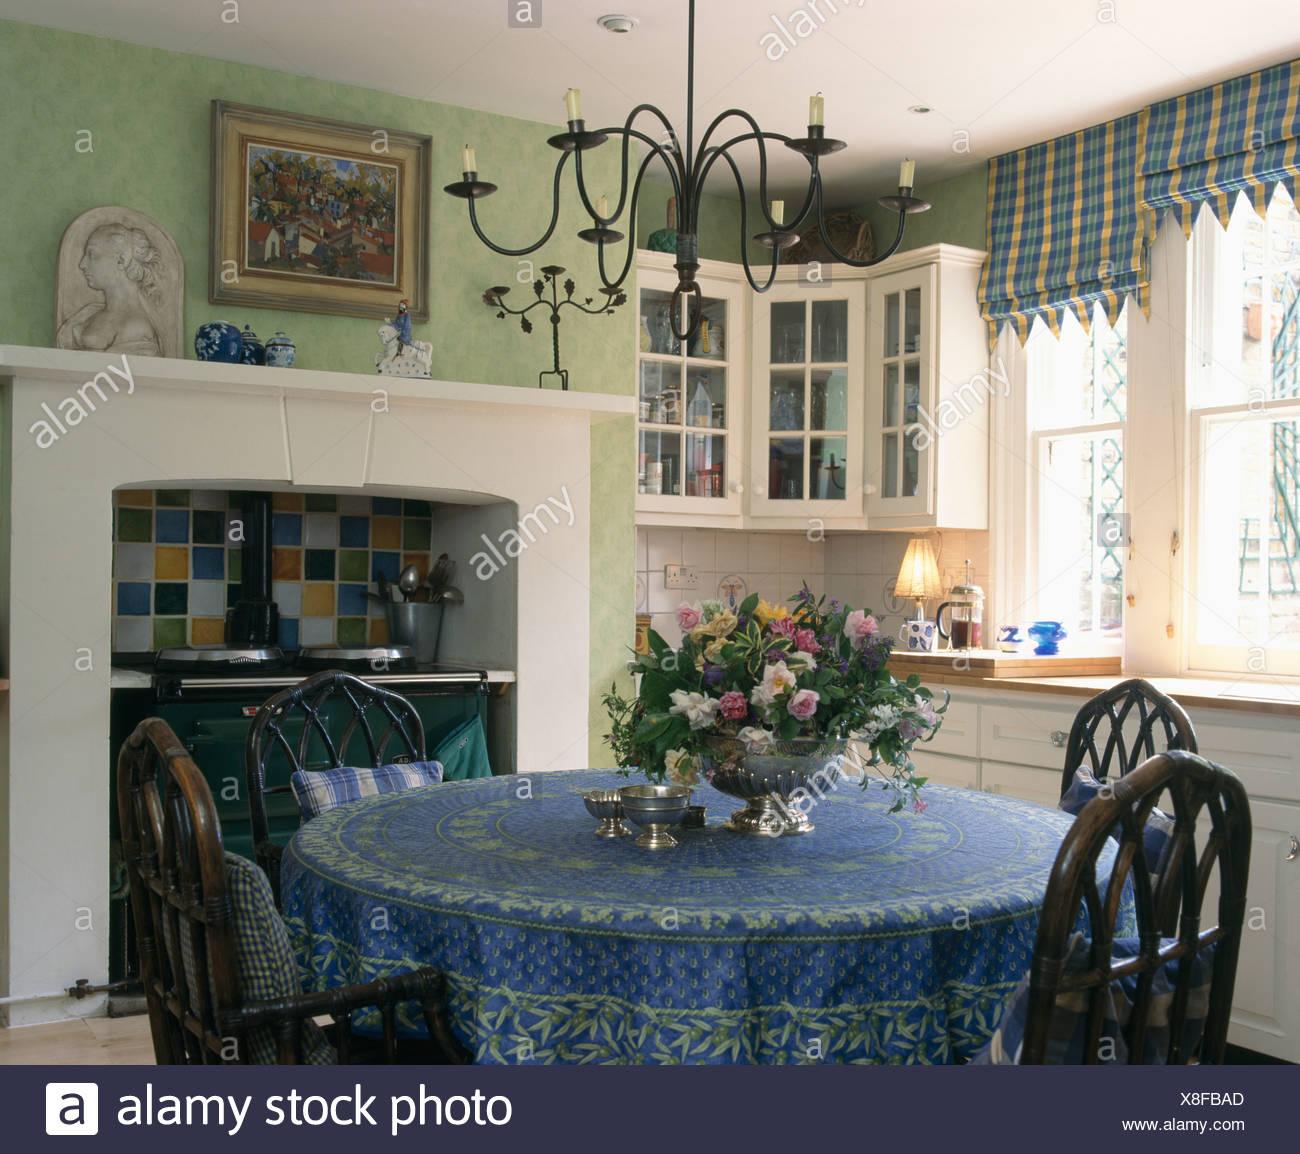 Metall Kronleuchter Oben Runder Tisch Mit Blauem Tuch In Blass Grün Küche  Mit Schwarzen Aga Und Fenster Mit Aufgegebenen Blind